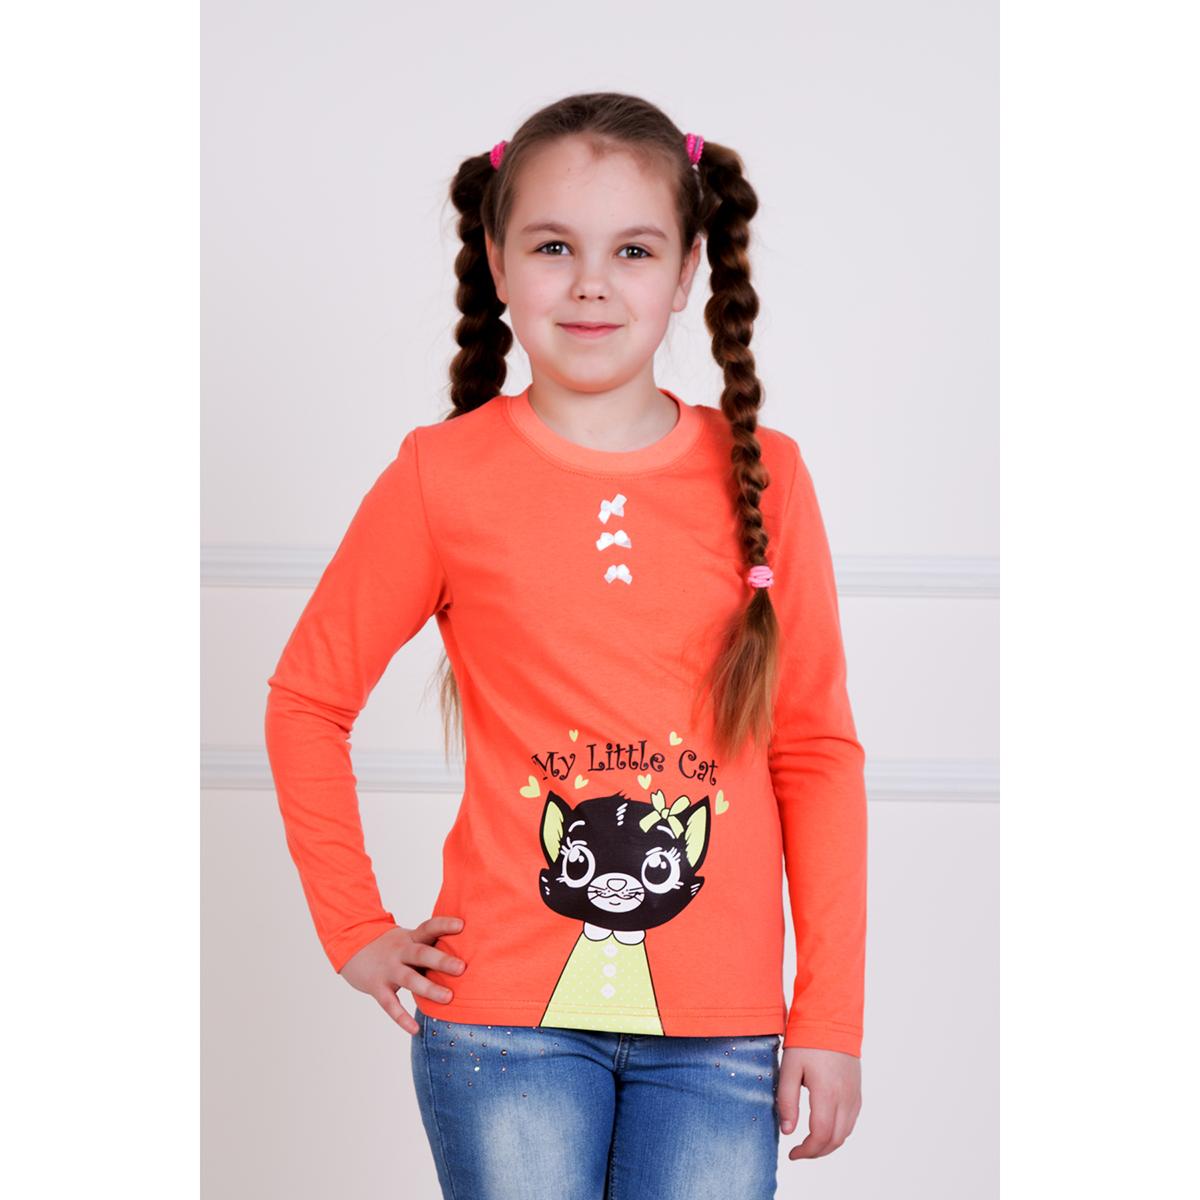 """Детская футболка """"Кэт"""" Оранжевый, размер 3 года"""